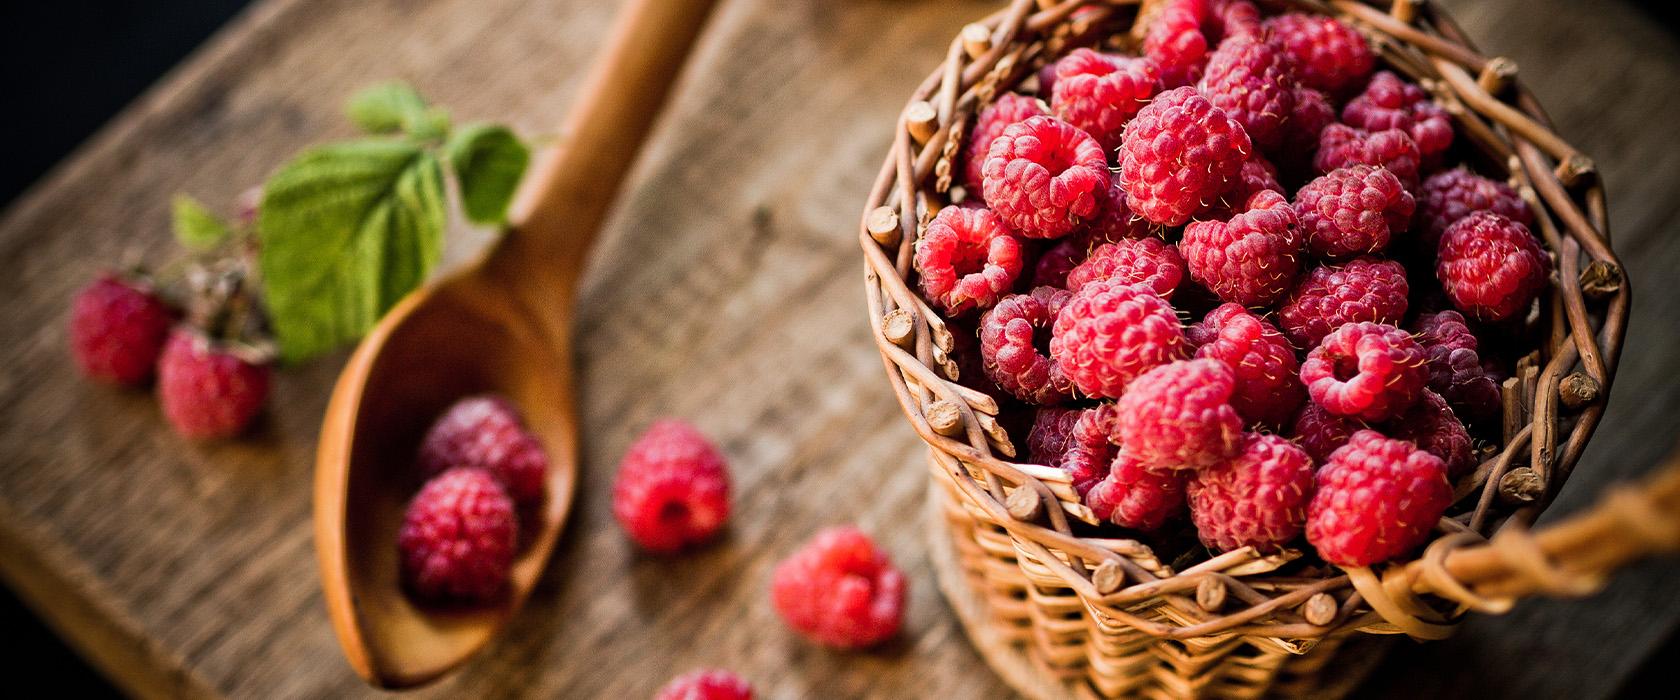 Какую систему питания выбрать? традиционное питание, вегетарианство, веганство, сыроедение и фрукторианство